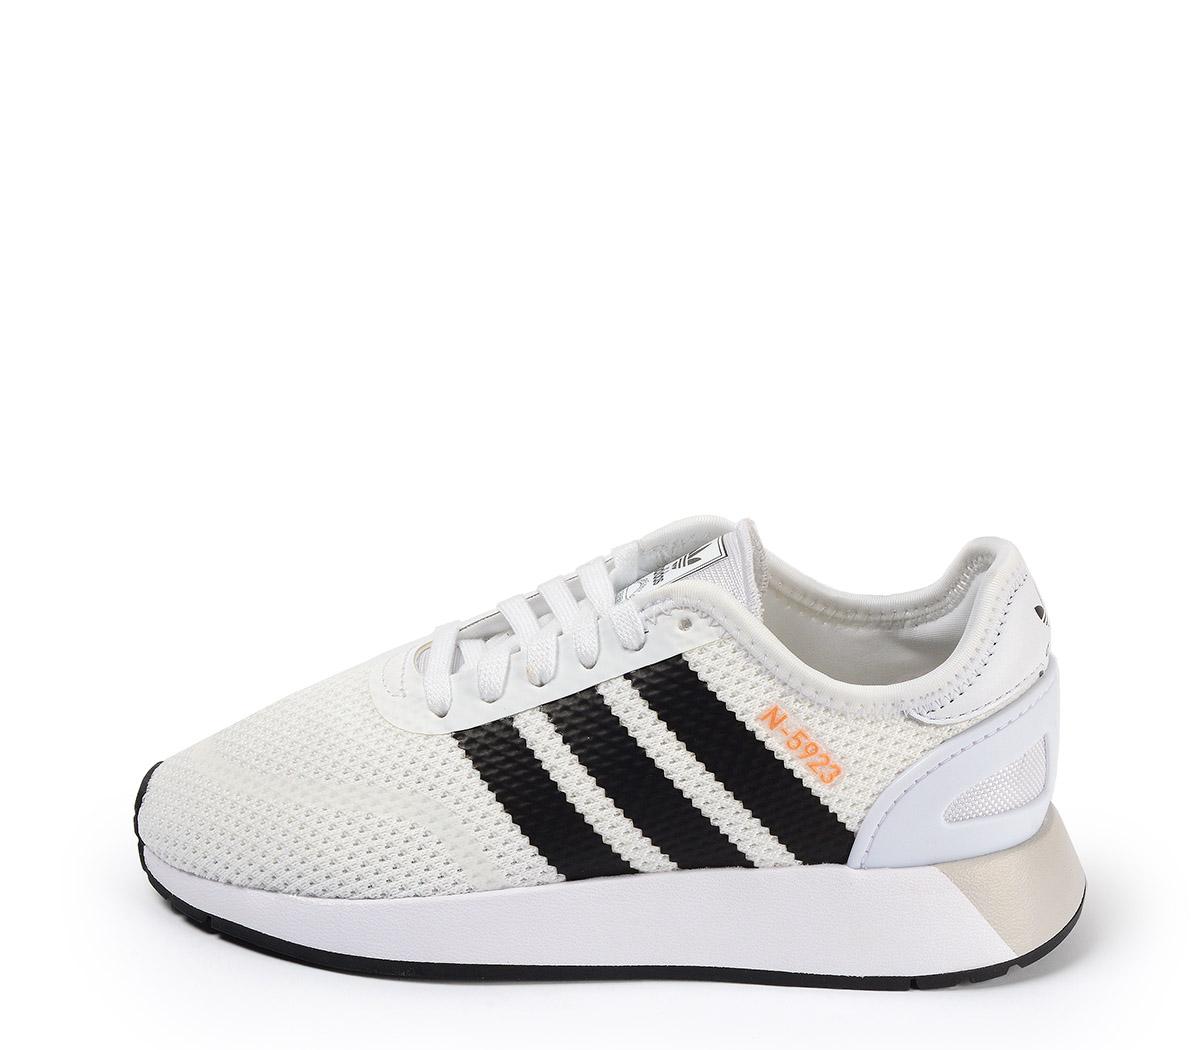 Ref. 3878 Adidas N-5923 tela blanca con detalles en negro. Suela blanca. Cordones al tono.